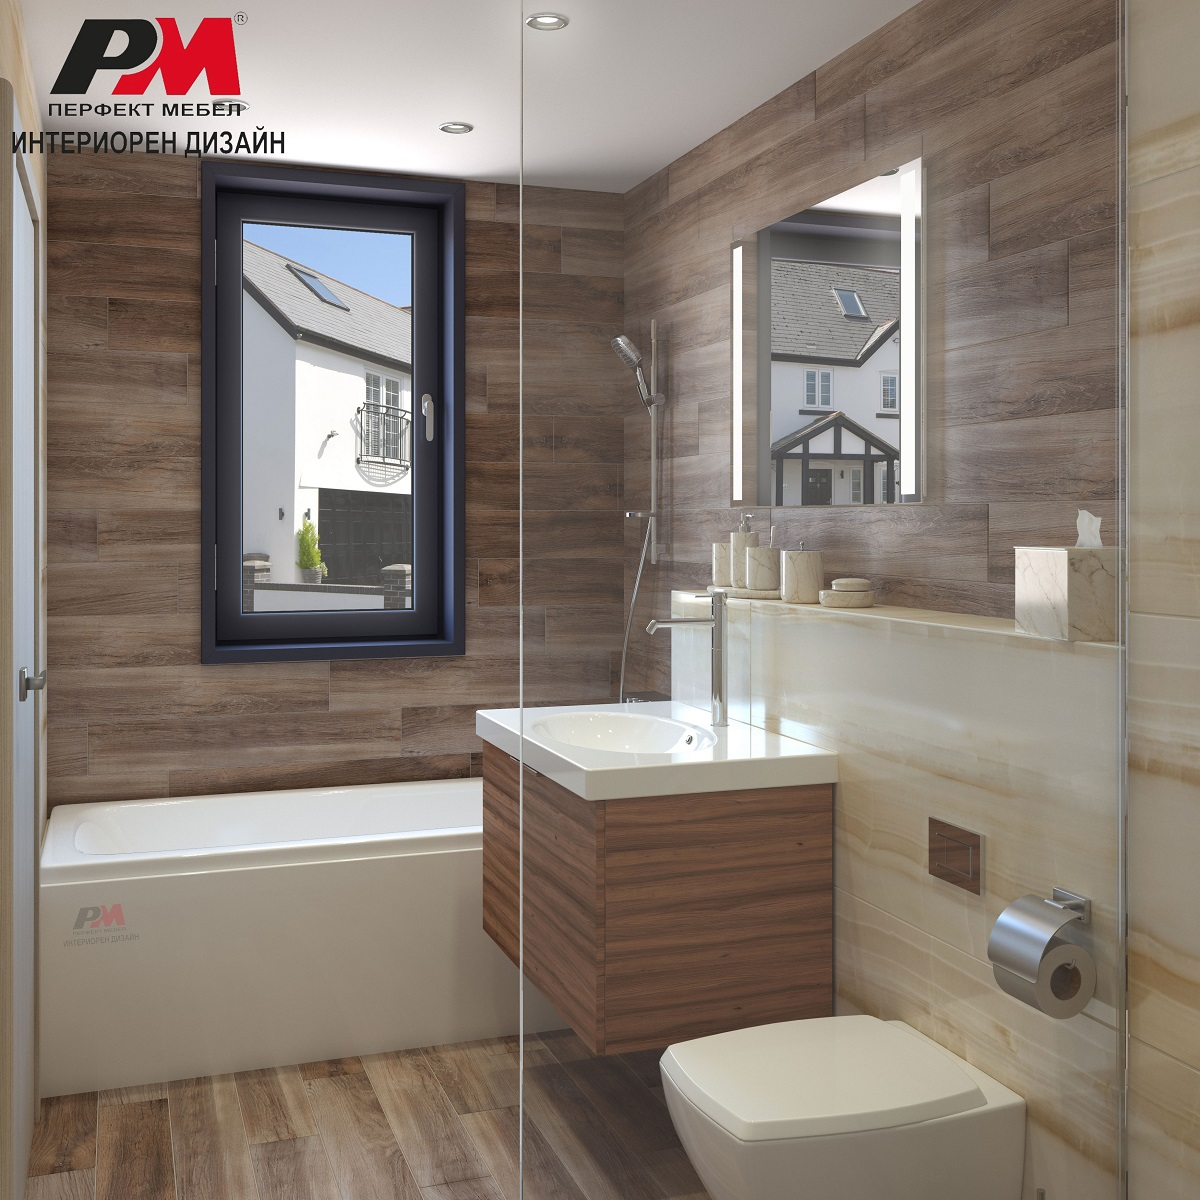 Модерно вътрешно решенеие на просторна баня в топли тонове